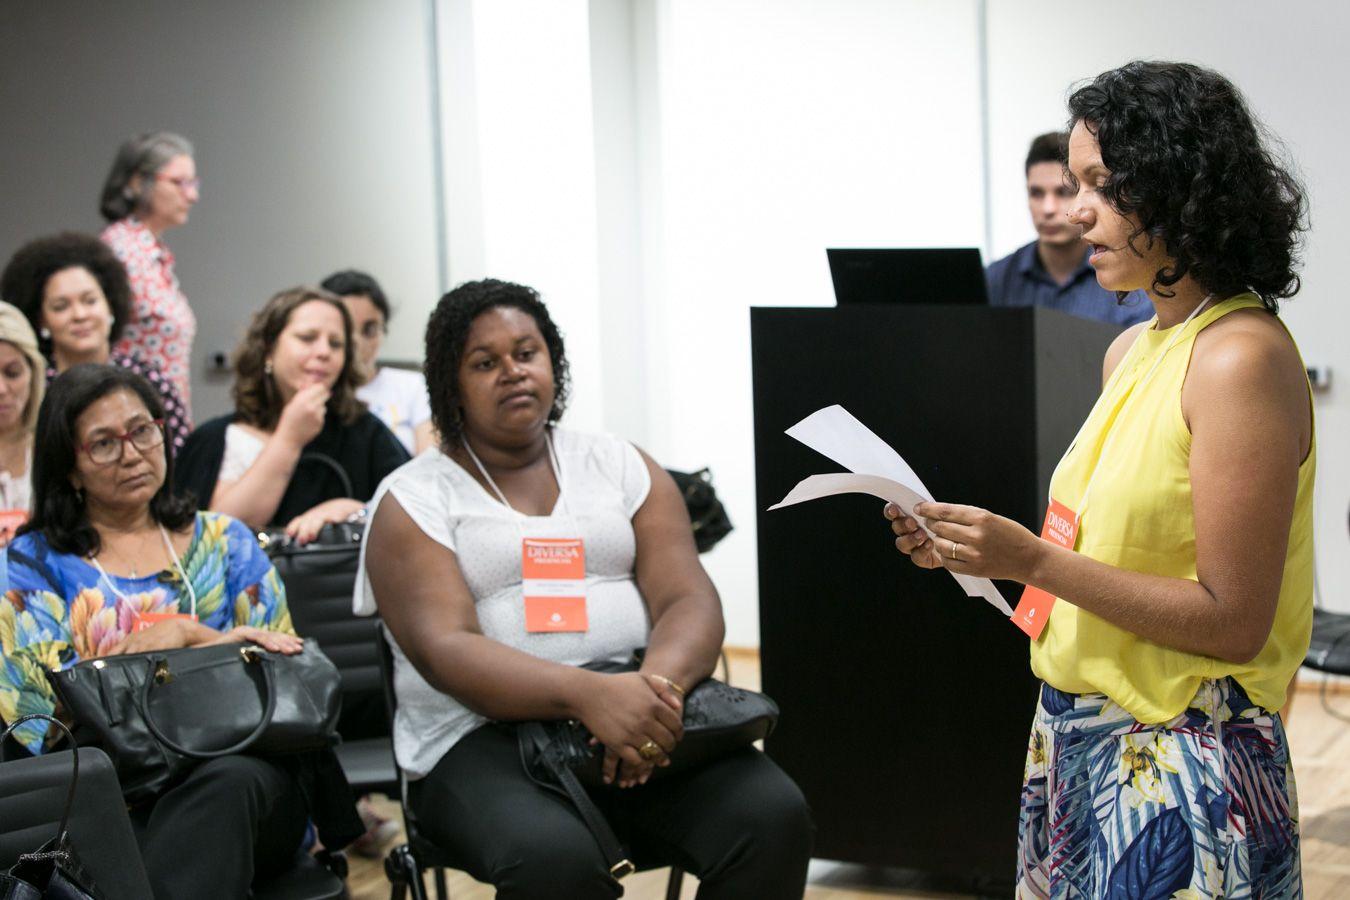 Em auditório, educadora, em pé, lê folha em suas mãos. Ao redor, mulheres sentadas em cadeiras a observam. Fim da descrição